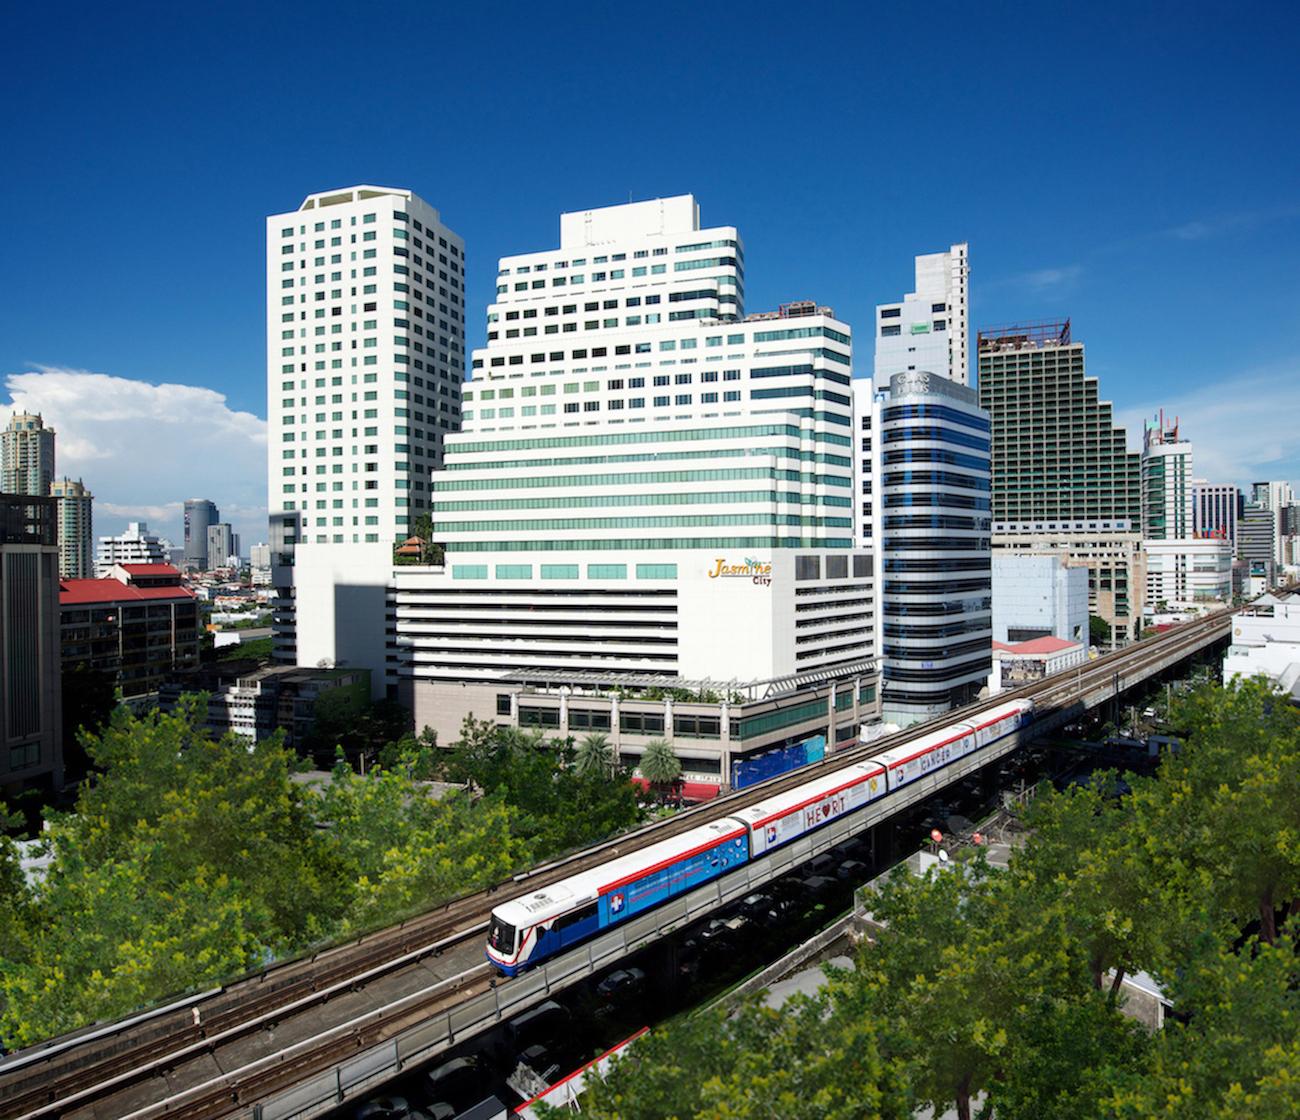 駅や商業施設にほど近い好立地のジャスミン シティ ホテル